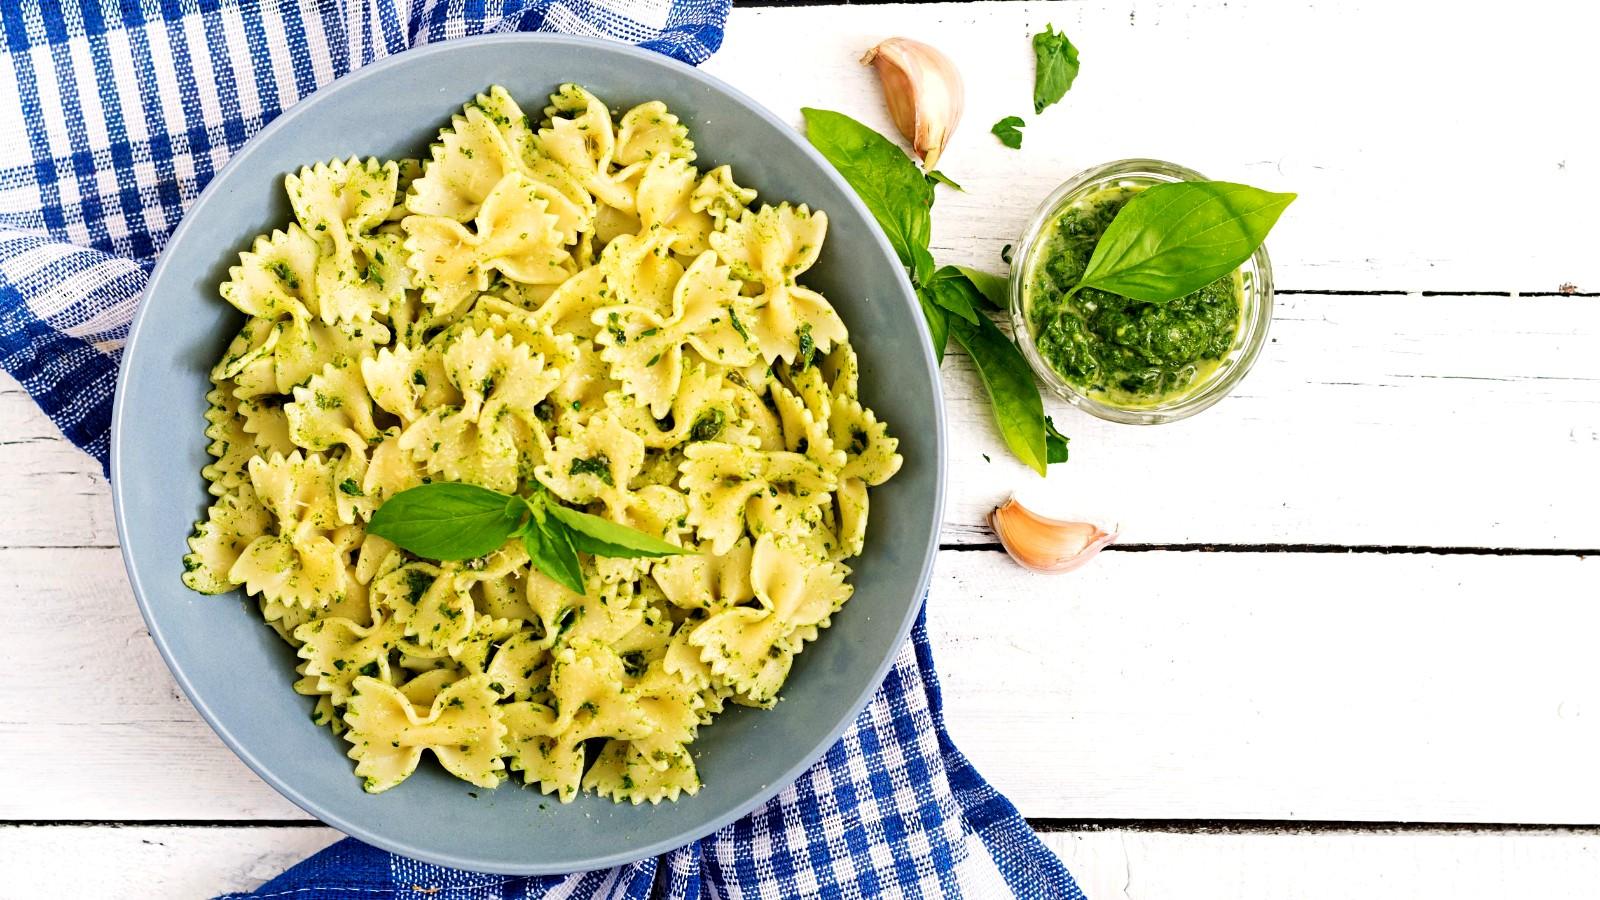 Image of Pesto Pasta with Pine Nuts